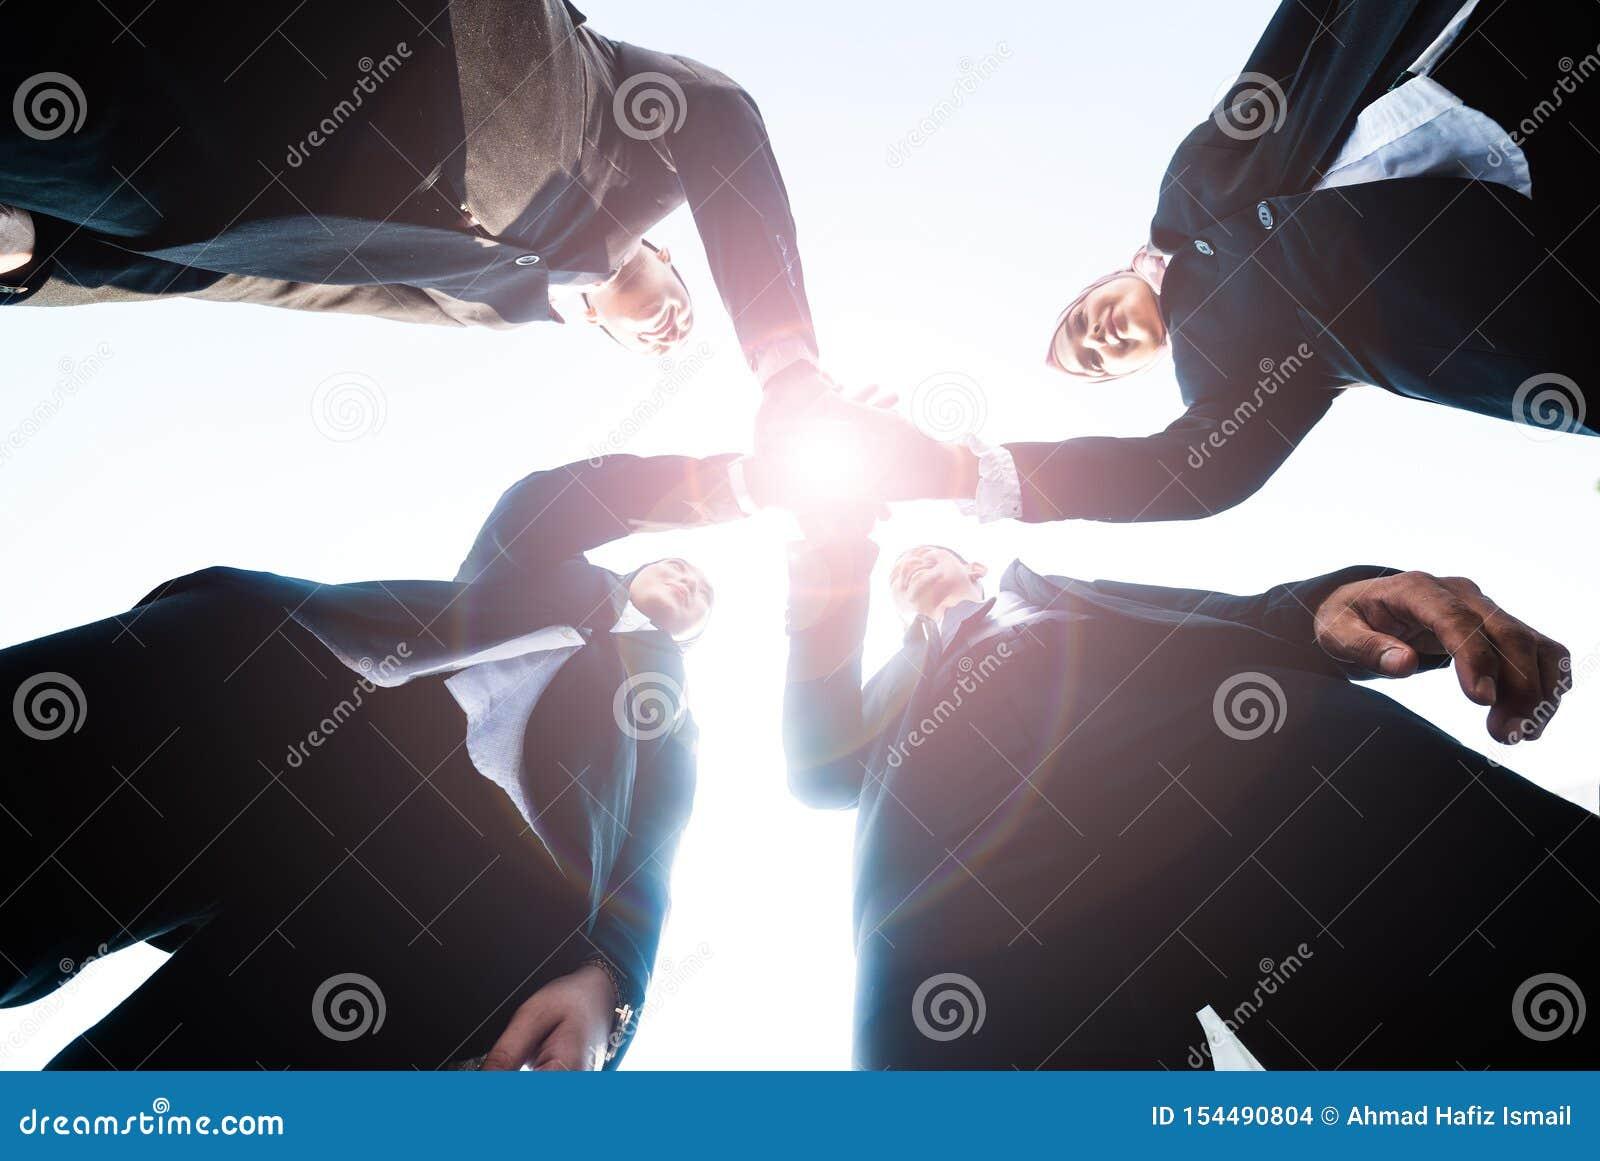 Los hombres de negocios musulmanes se unen a las manos juntas Team Teamwork Togetherness Collaboration Concept